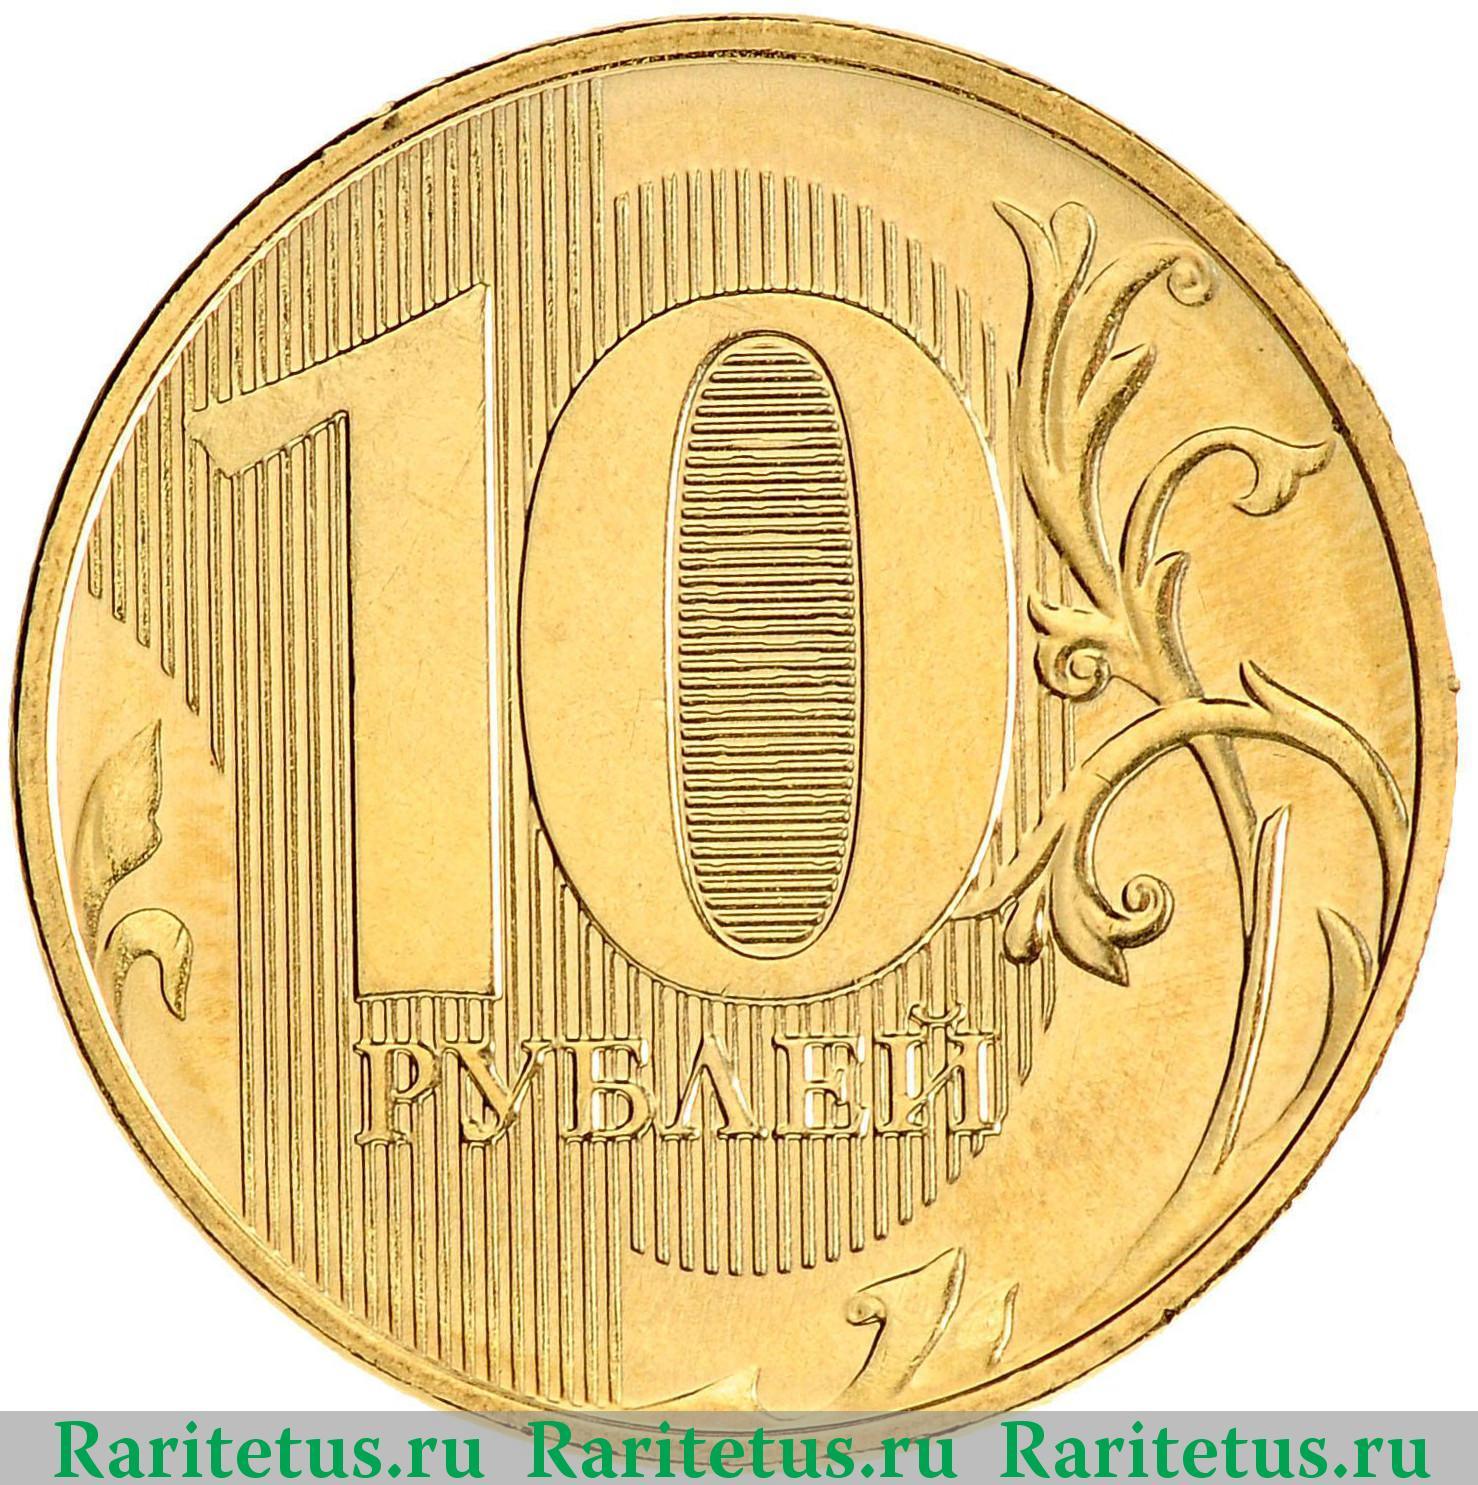 Сколько стоит монета 10 рублей 2016 купить набор памятных монет